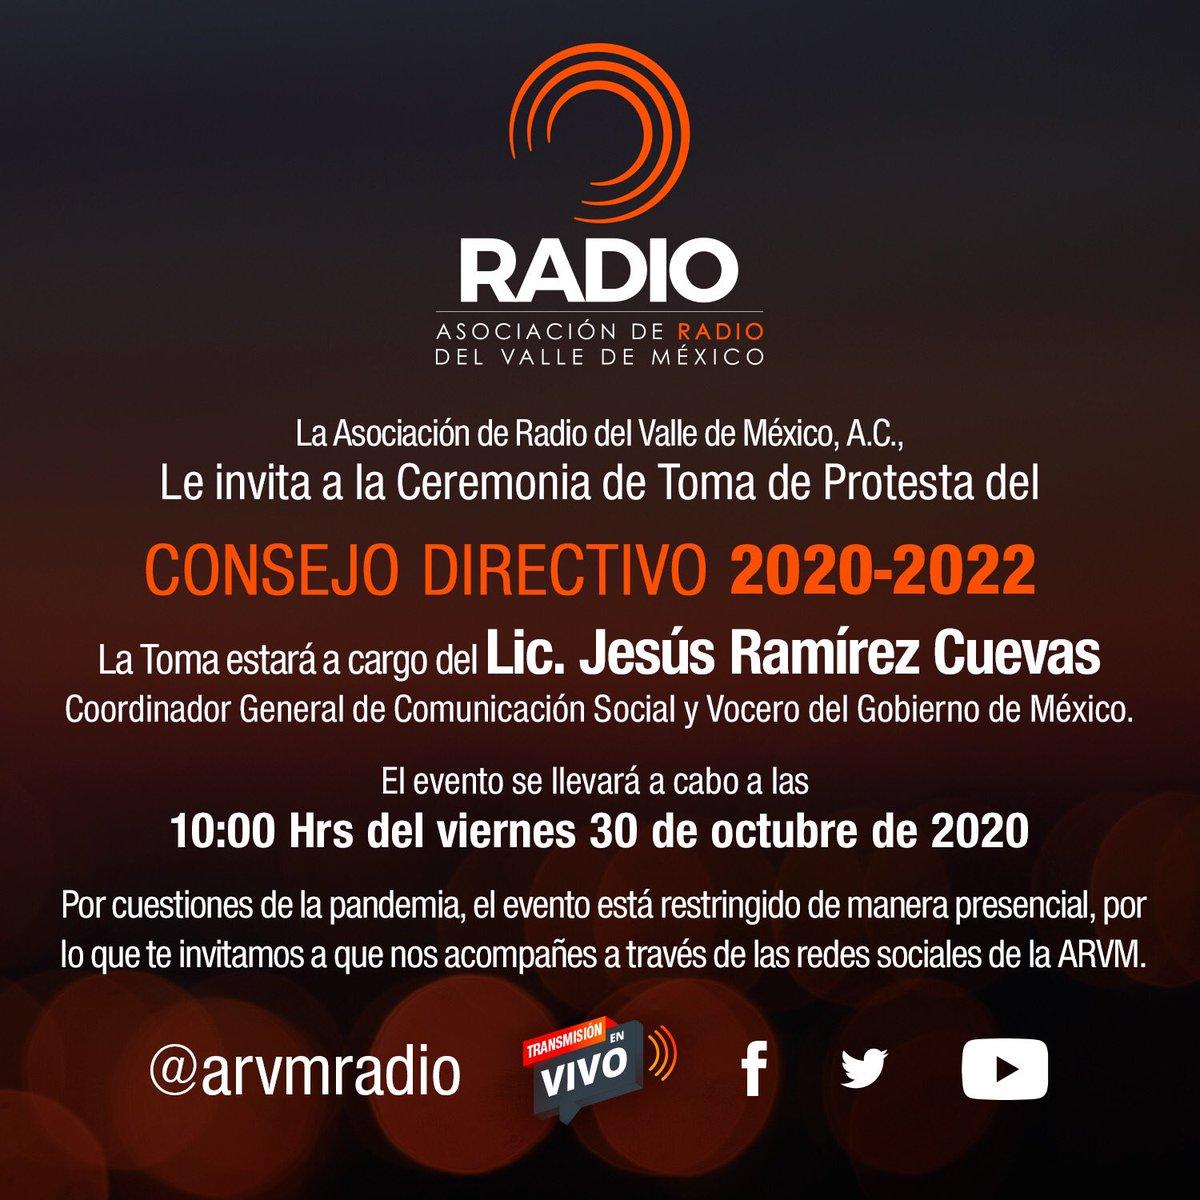 Hoy a las 10:00 horas transmitiremos en directo la toma de protesta del Consejo Directivo de la ARVM para el periodo 2020-2022.  Sigan la transmisión: https://t.co/UMbrOnVlkK https://t.co/bNxdYcTw5V